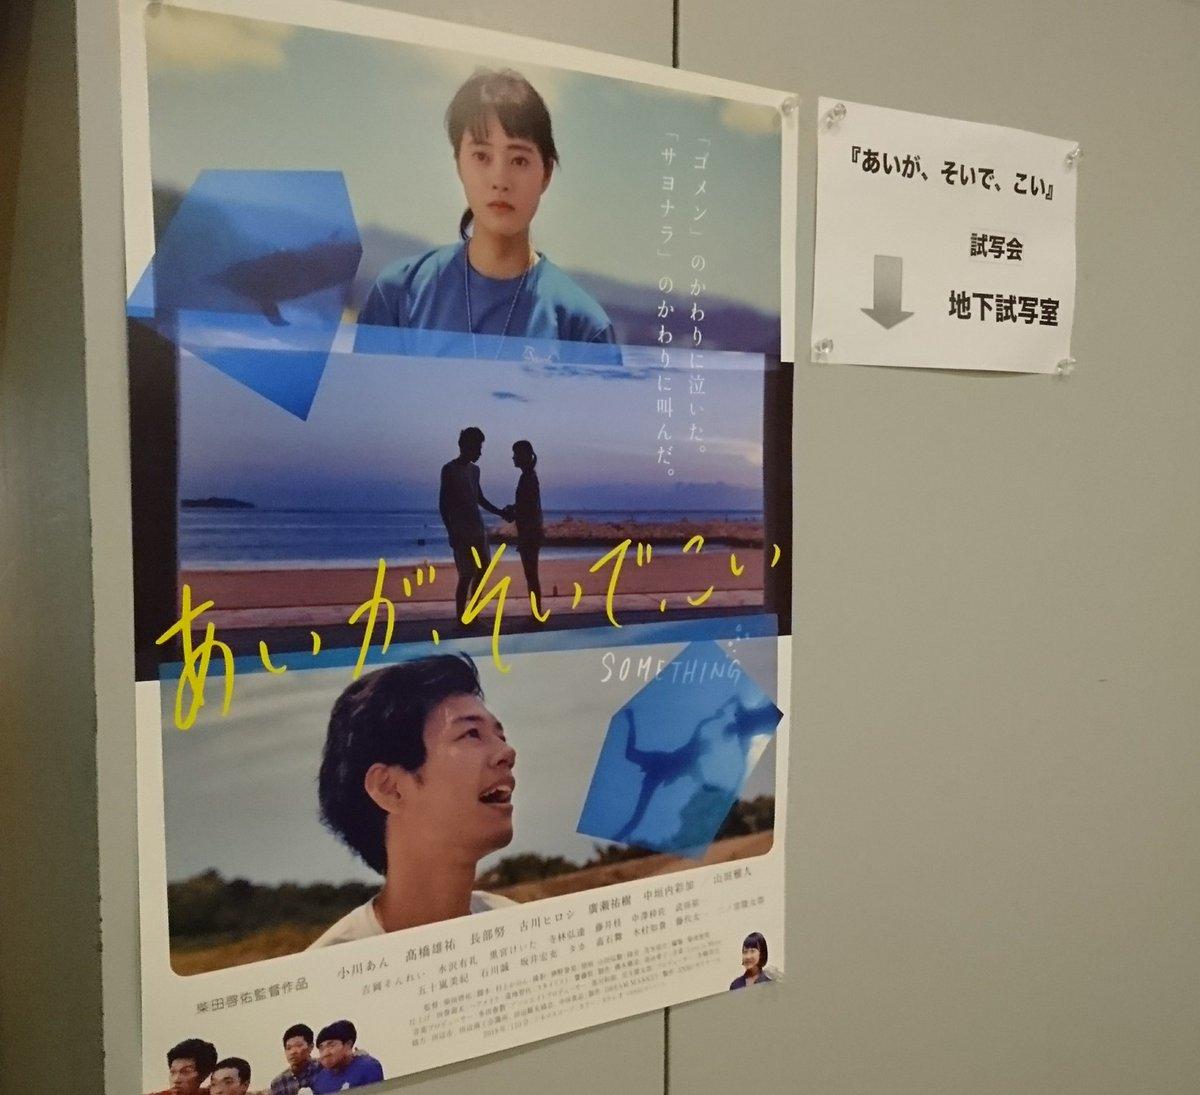 碇本学's photo on 映画監督